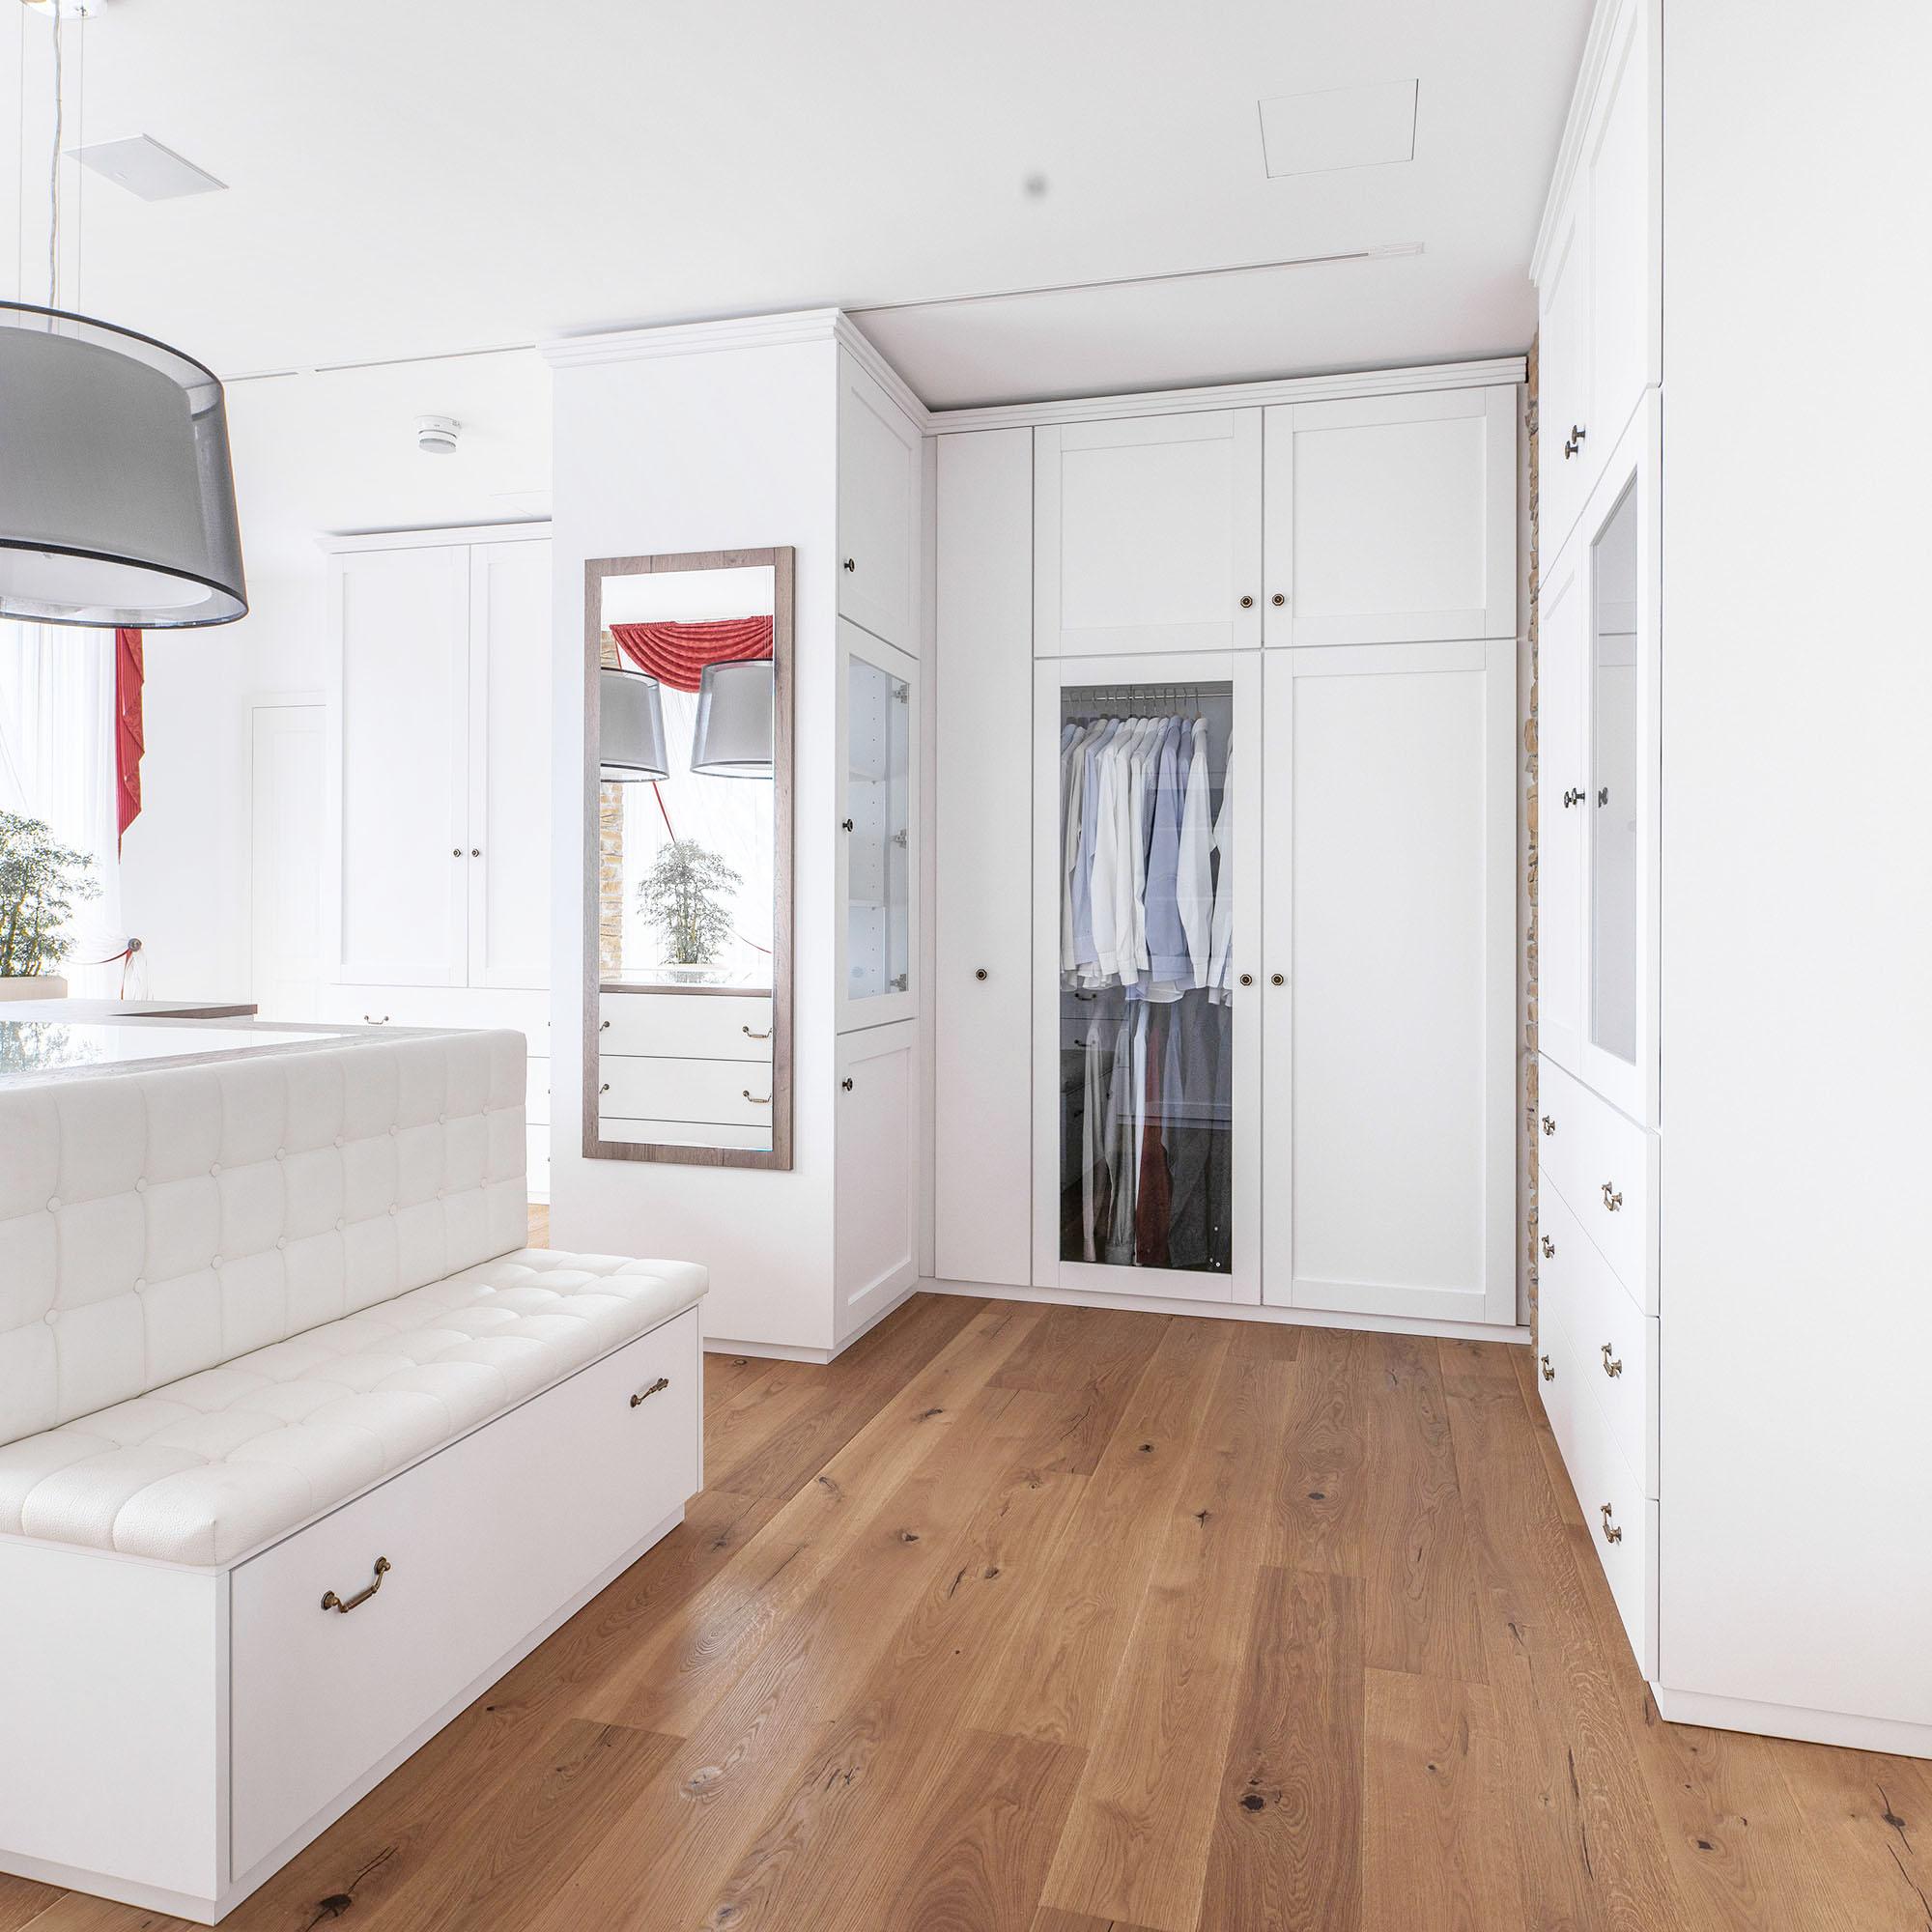 Ankleidezimmer Möbel individuell an den Raum angepasst